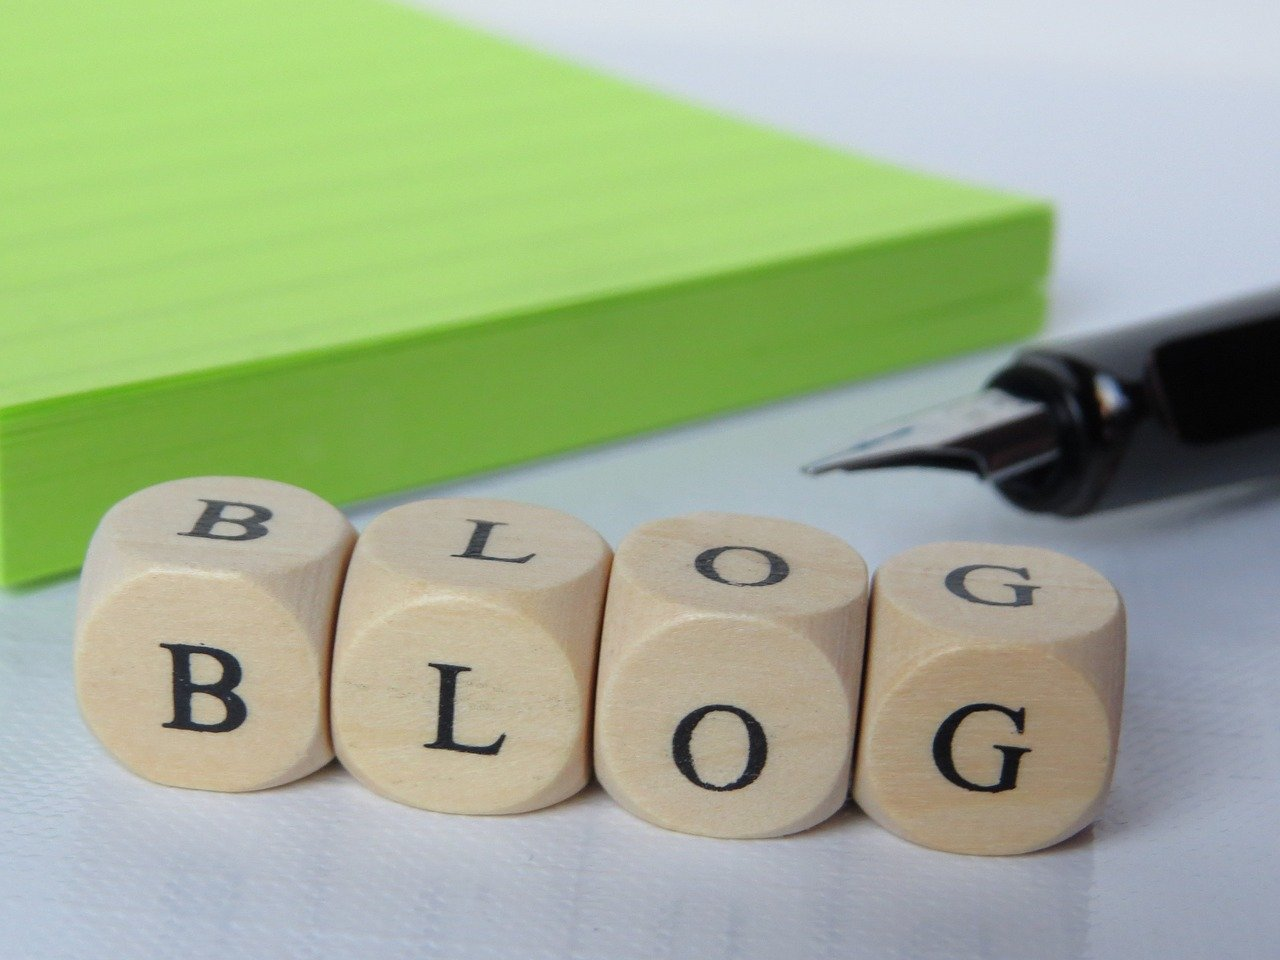 Création d'un site Internet Anglet avec WordPress